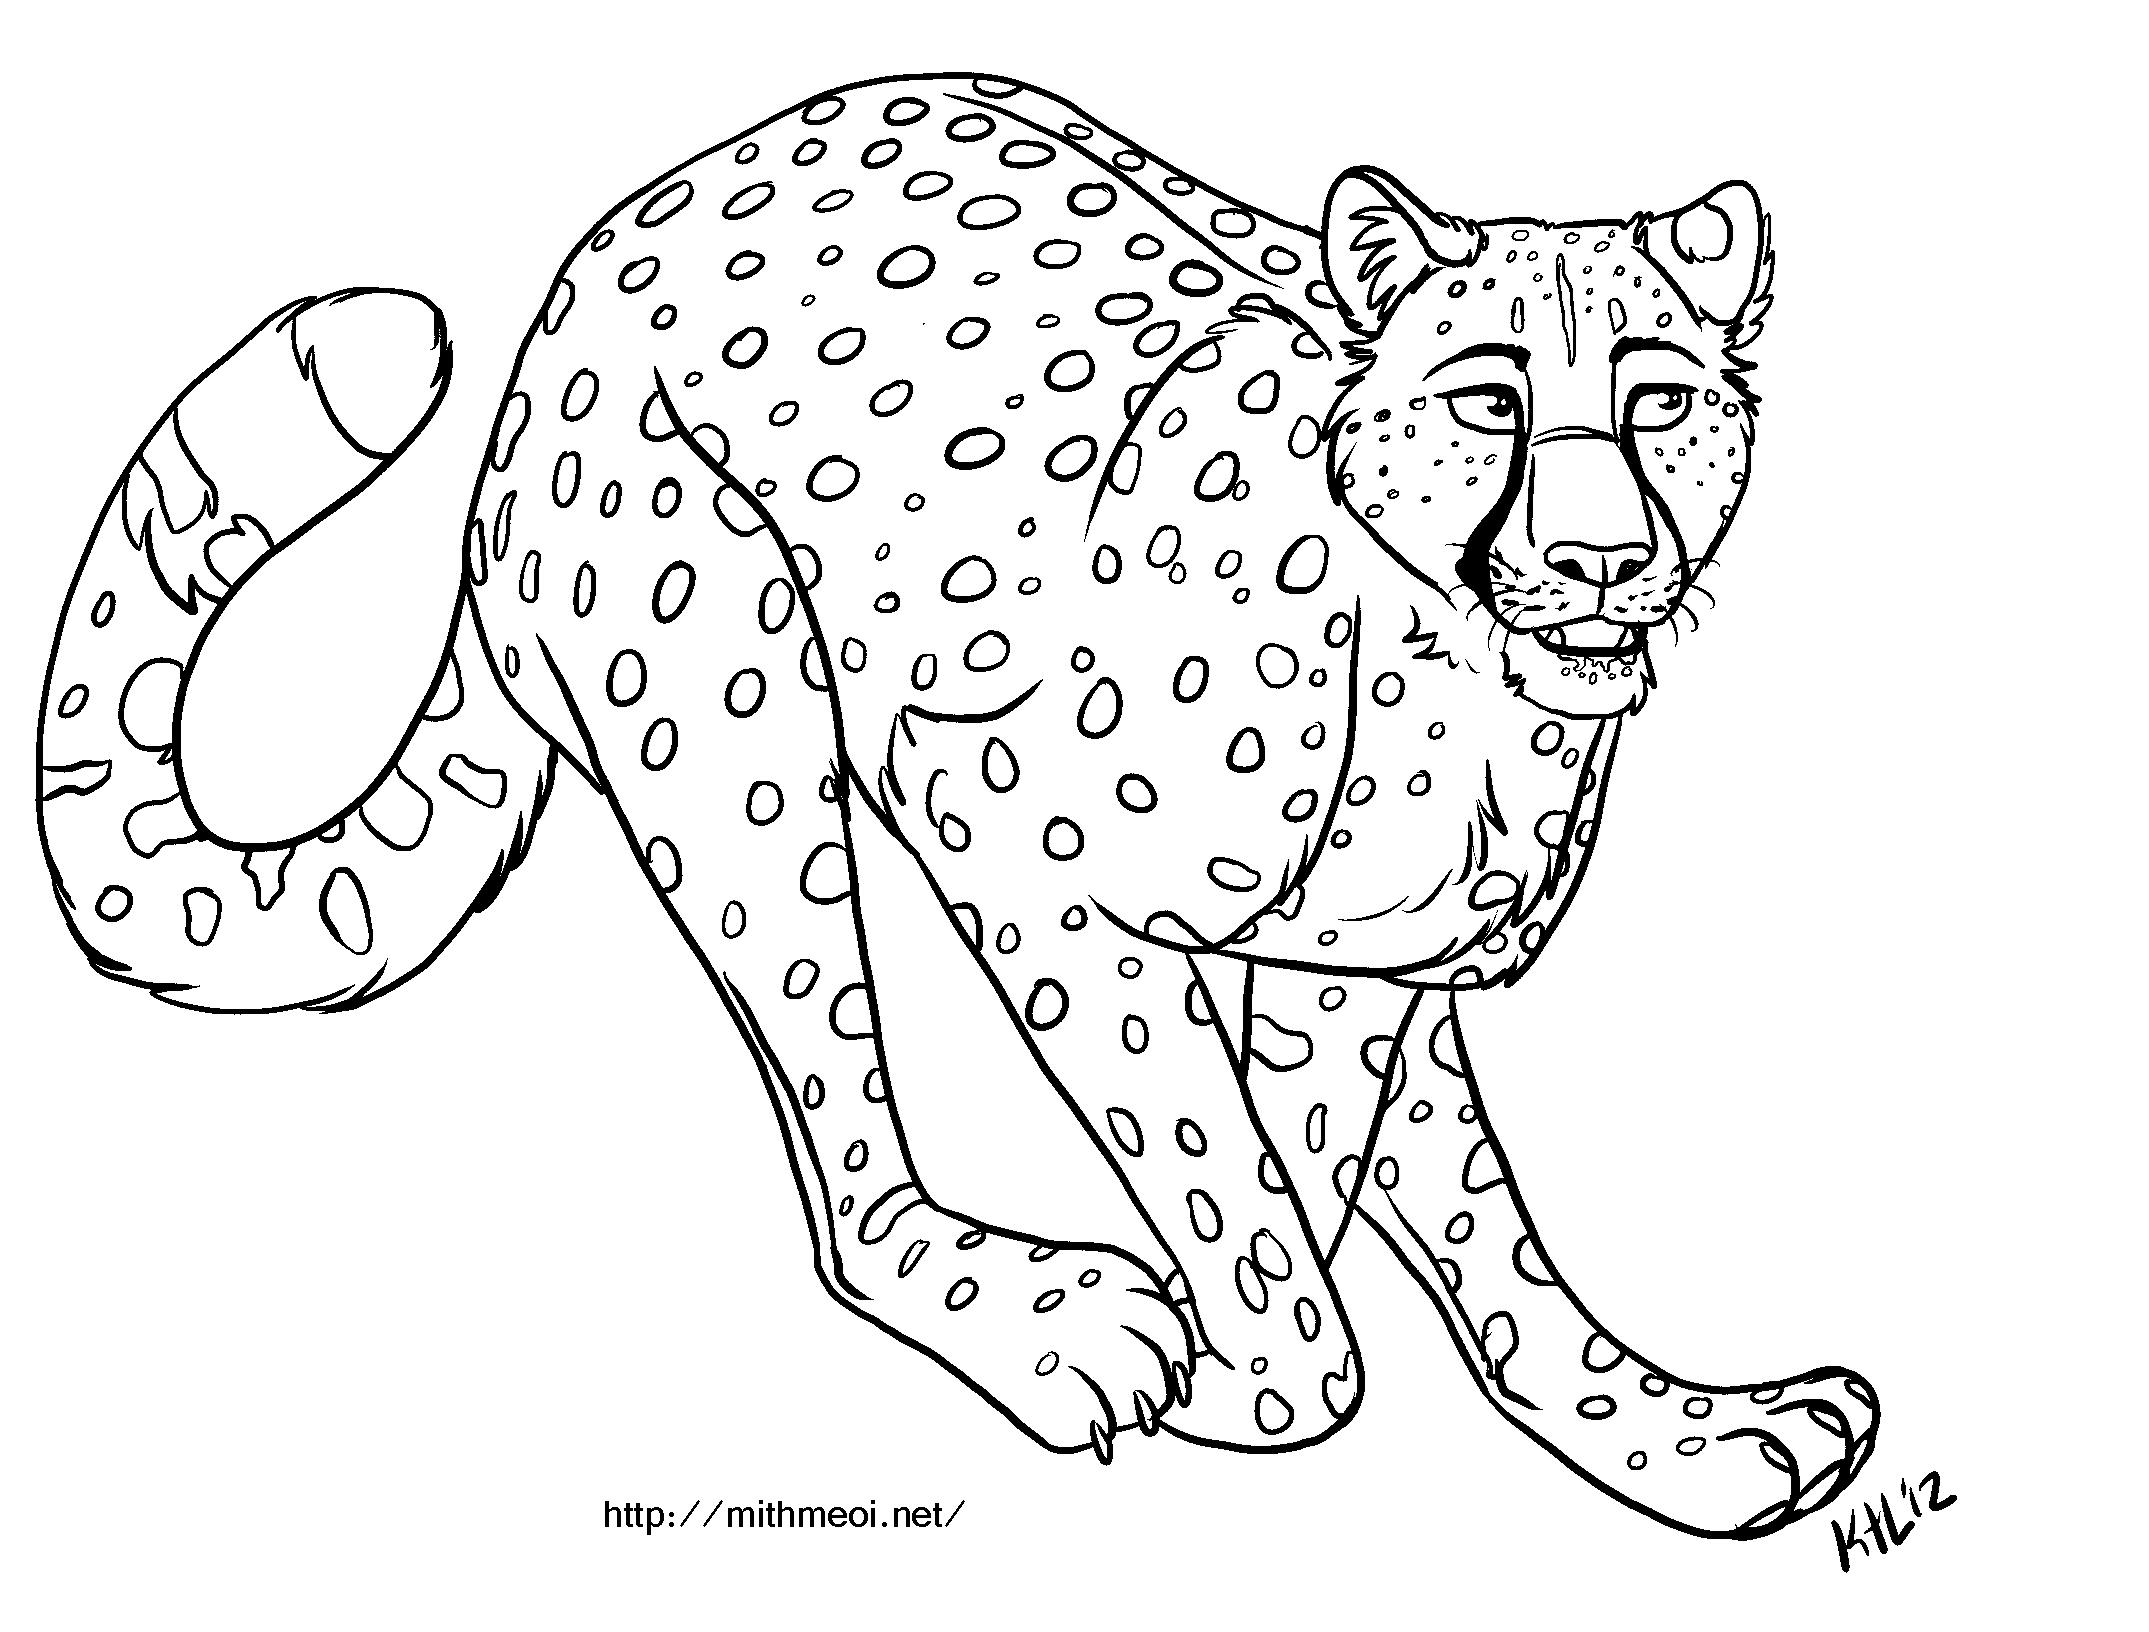 Cheetah Template - Costumepartyrun